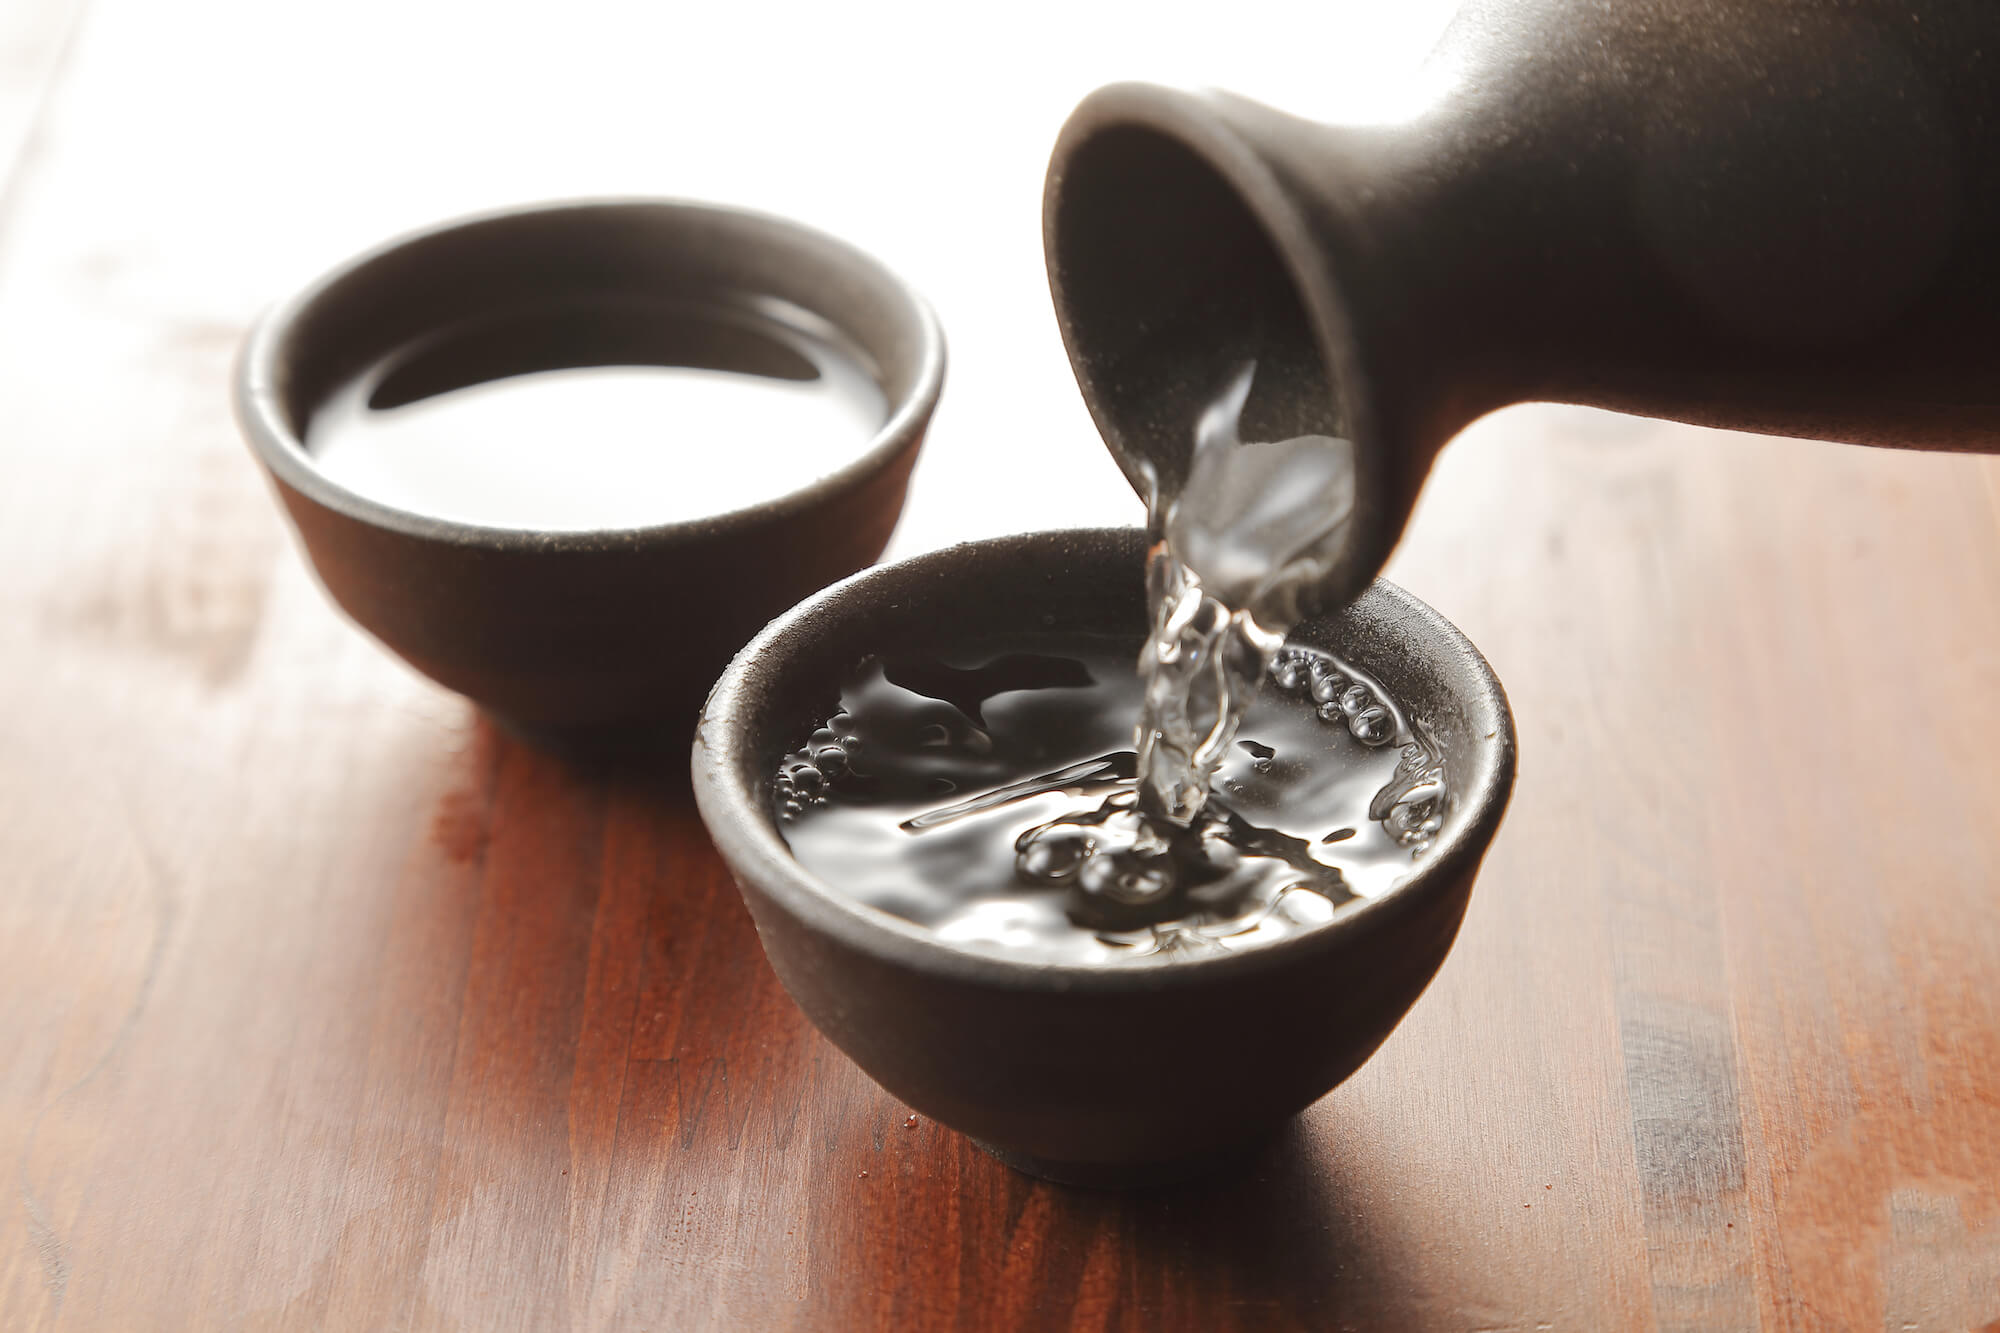 日本酒の用語を一挙に紹介!知識を深め、楽しみ方の幅を広げよう